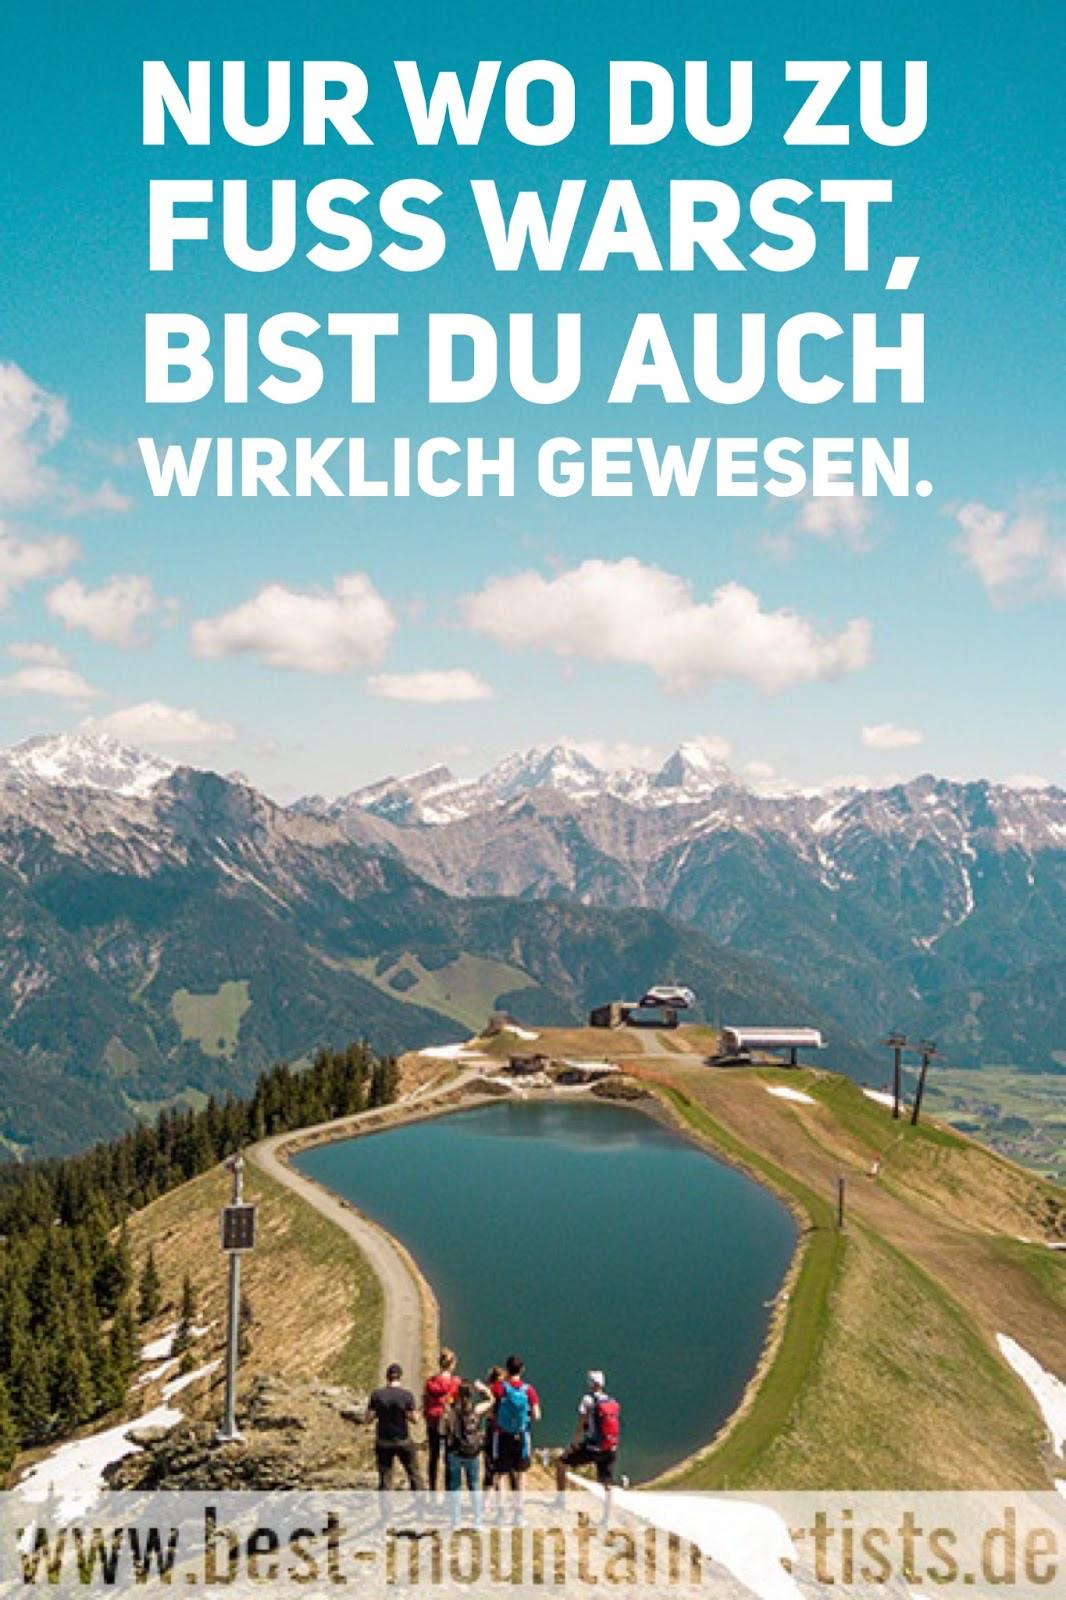 """""""Nur wo du zu Fuß warst, bist du auch wirklich gewesen."""", Johann Wolfgang von Goethe"""